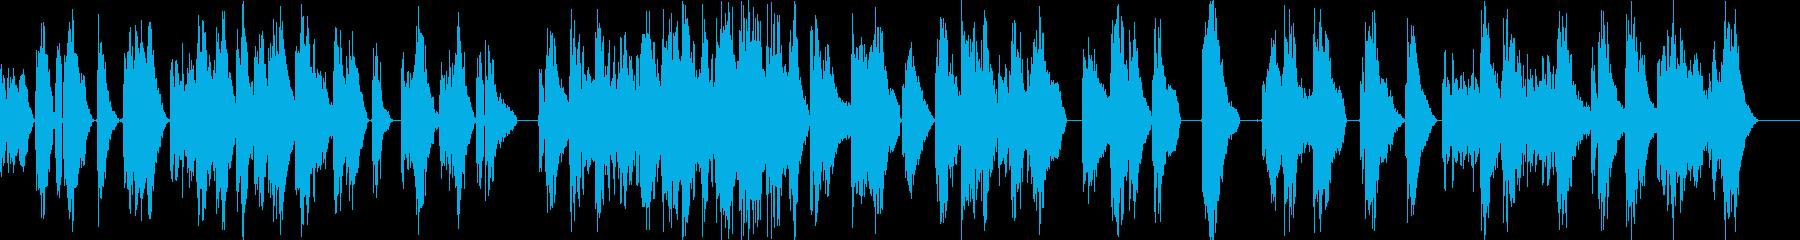 レーザーファイトショットハイピッチ...の再生済みの波形